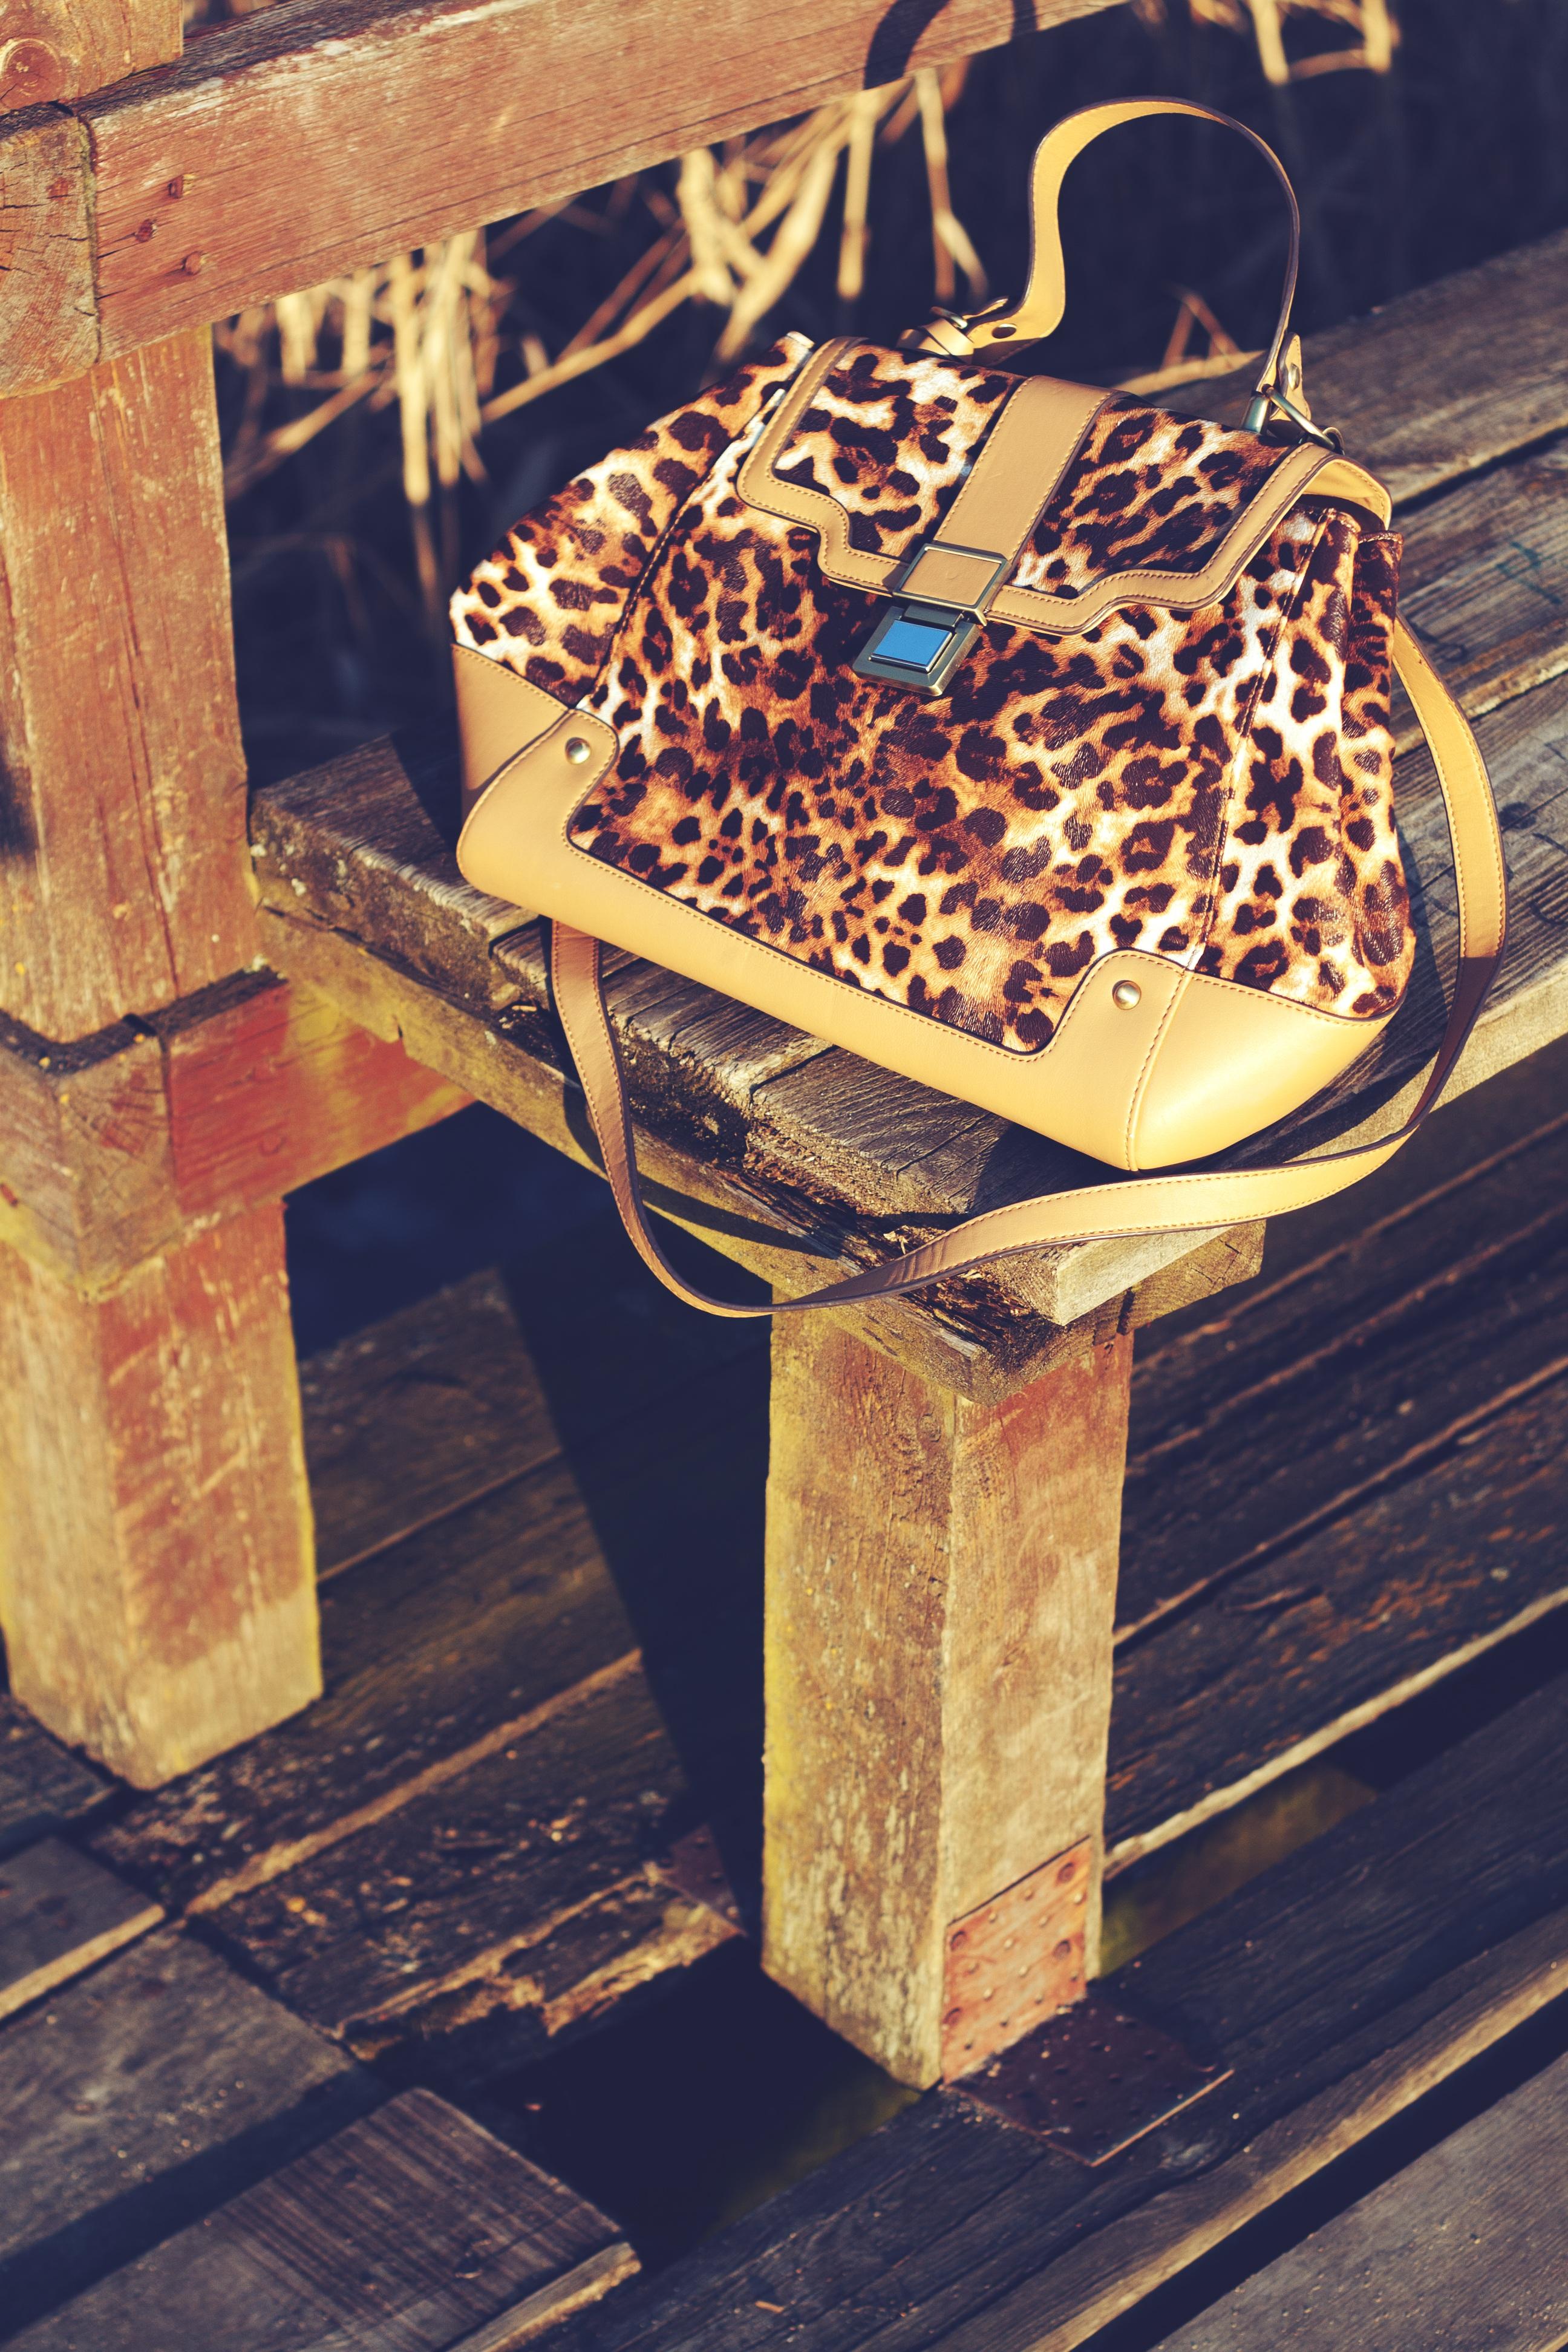 Wood Print Color Bag Furniture Leopard Art Design Beige Carving Shape